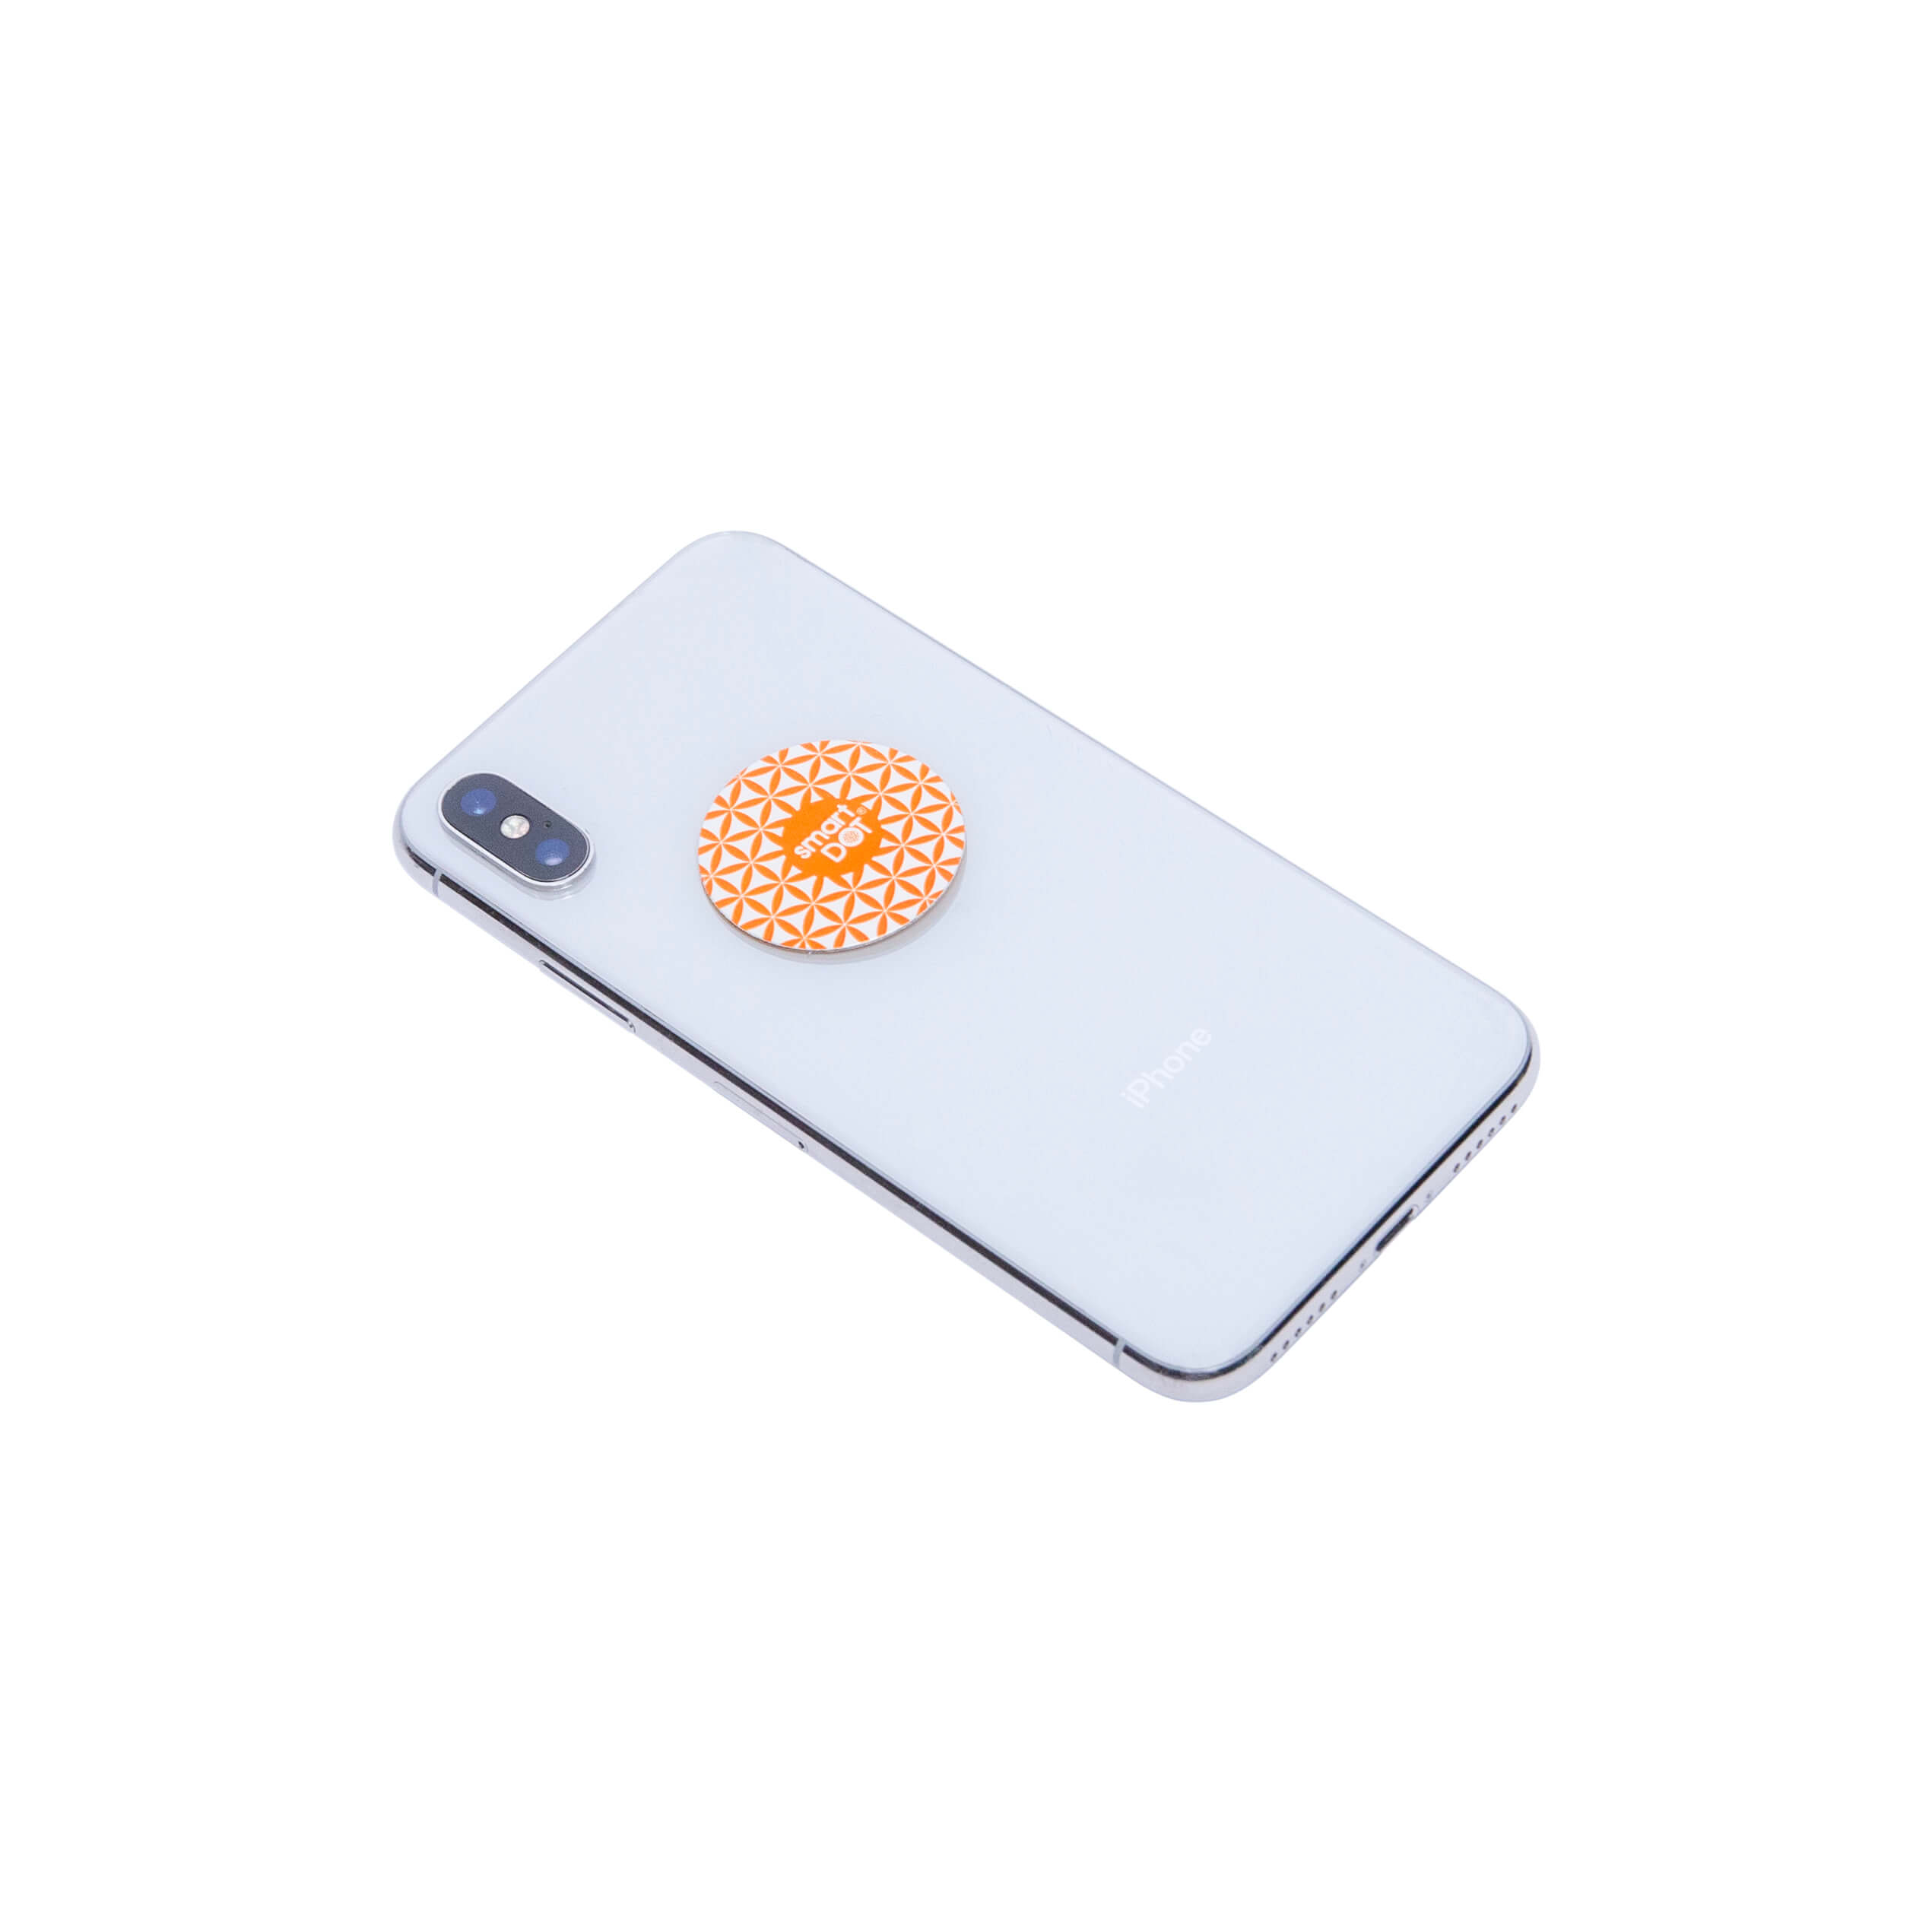 Disposer smartDOT sur son téléphone